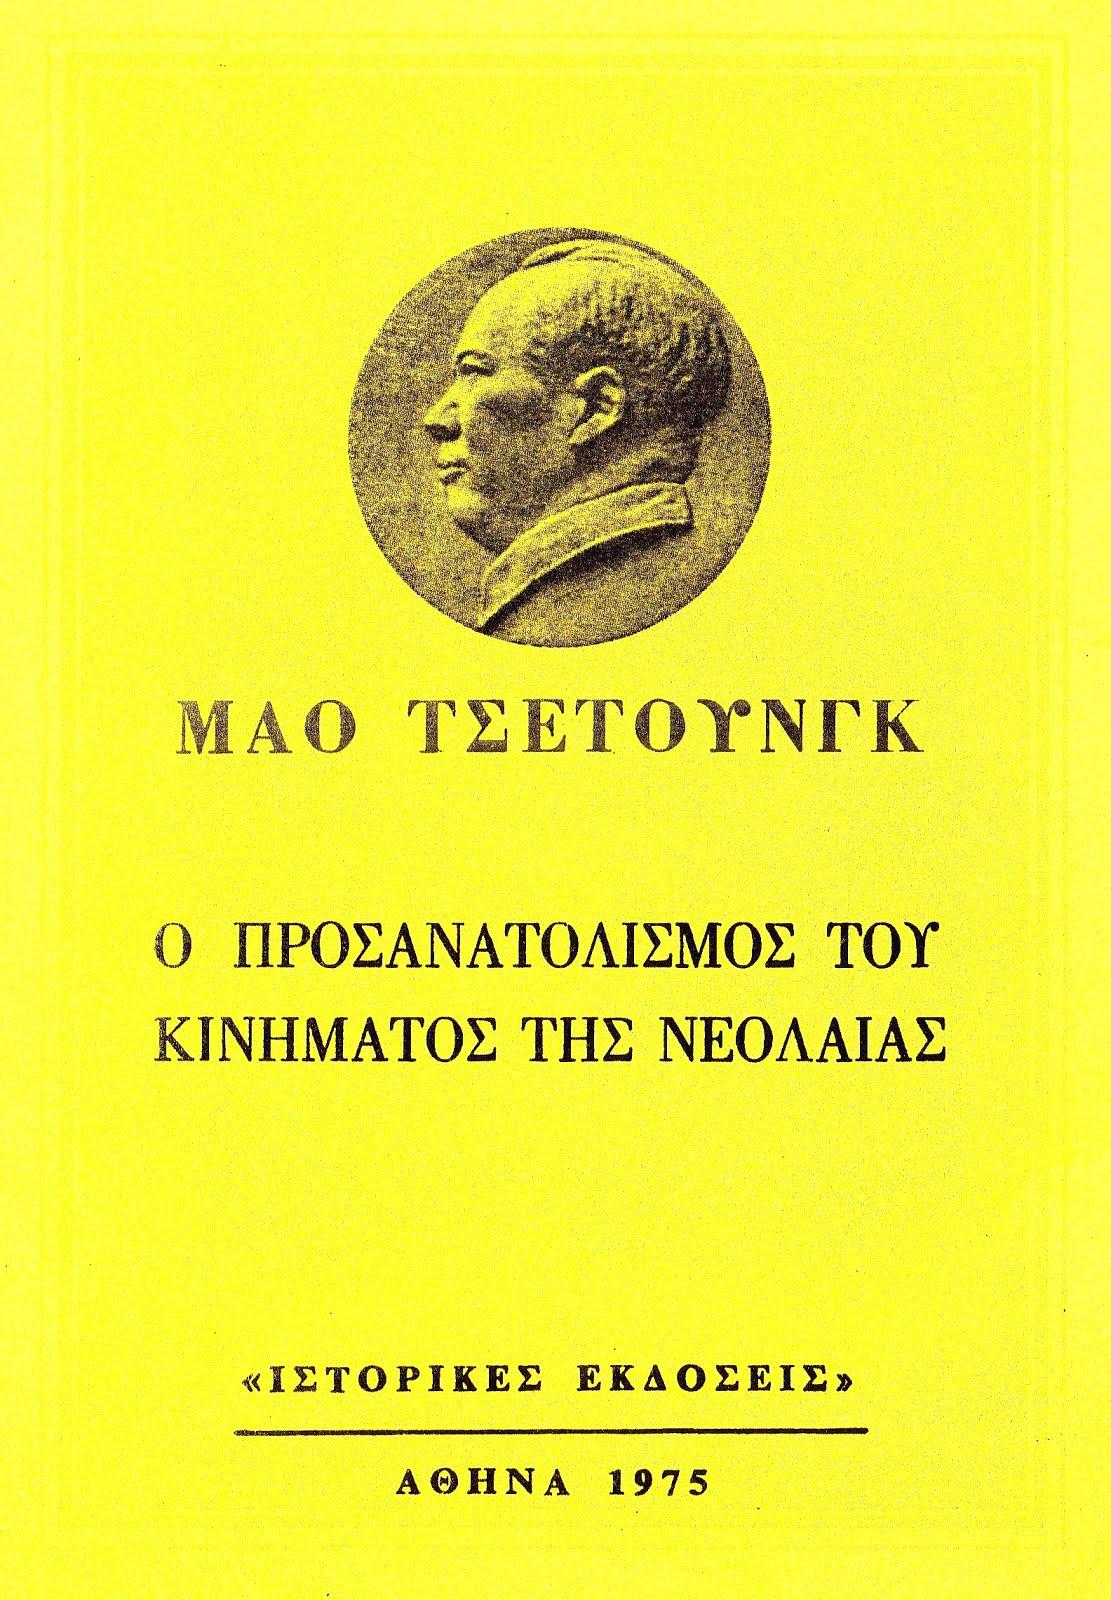 ΜΑΟ ΤΣΕ ΤΟΥΝΓΚ - Ο ΠΡΟΣΑΝΑΤΟΛΙΣΜΟΣ ΤΟΥ ΚΙΝΗΜΑΤΟΣ ΤΗΣ ΝΕΟΛΑΙΑΣ